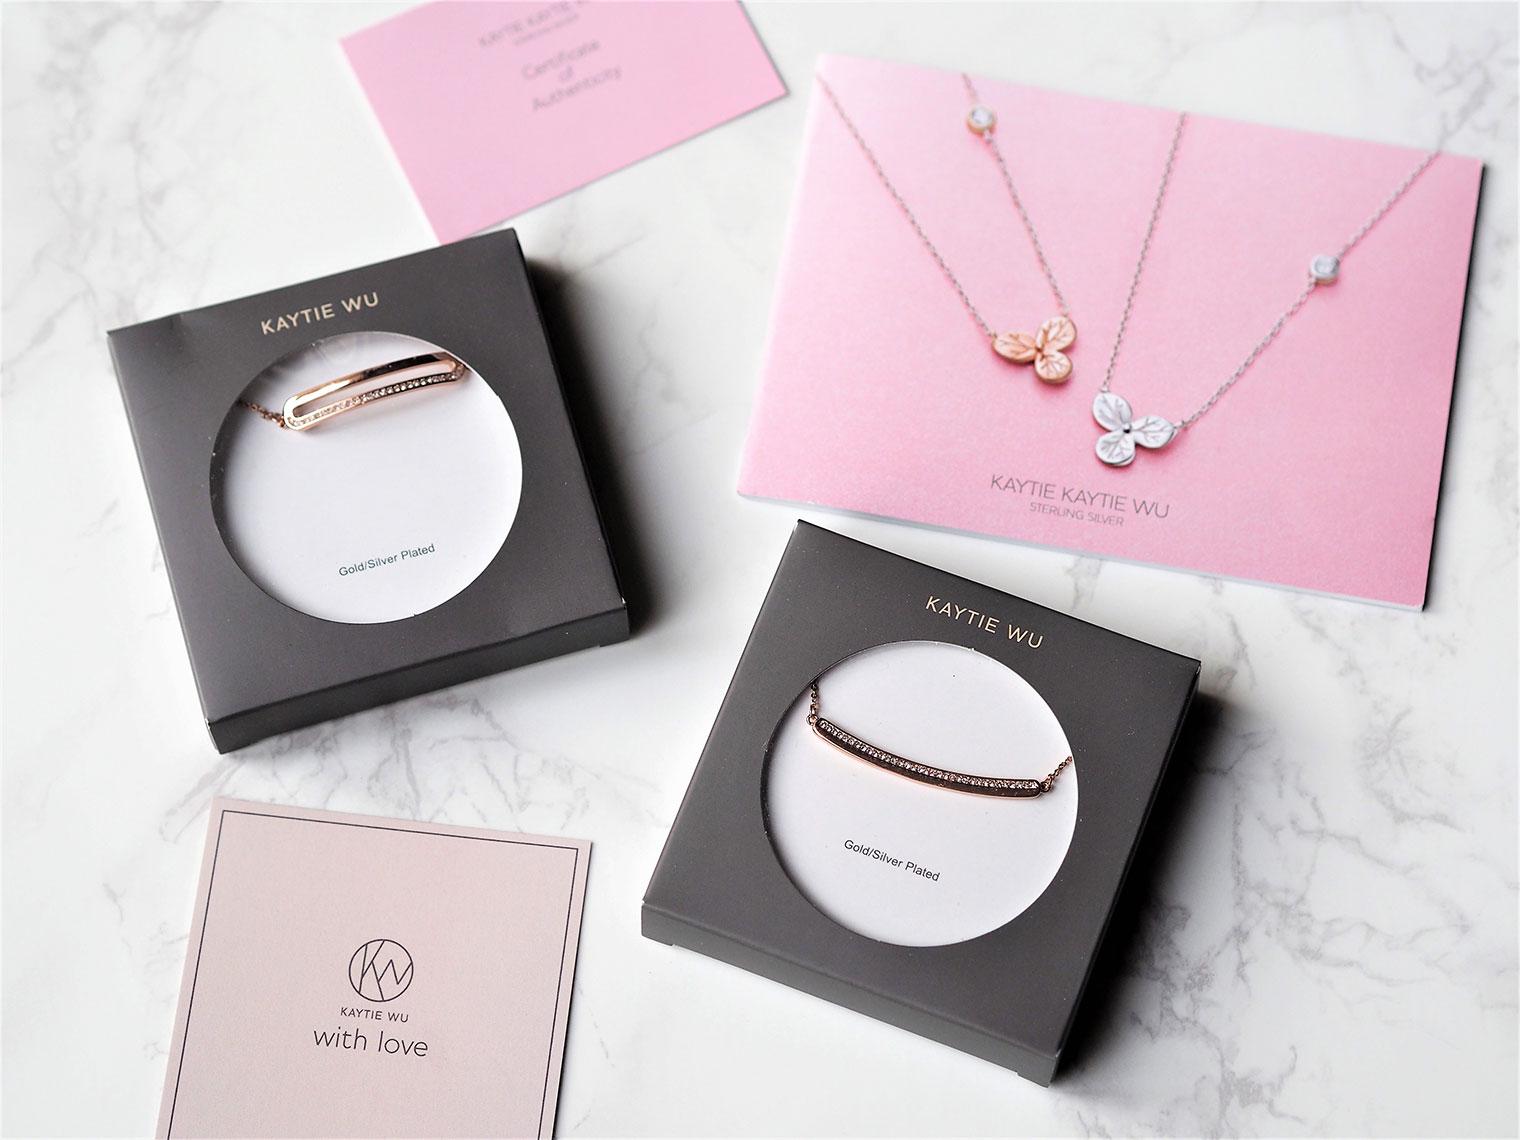 Kaytie Wu jewellery in rose gold